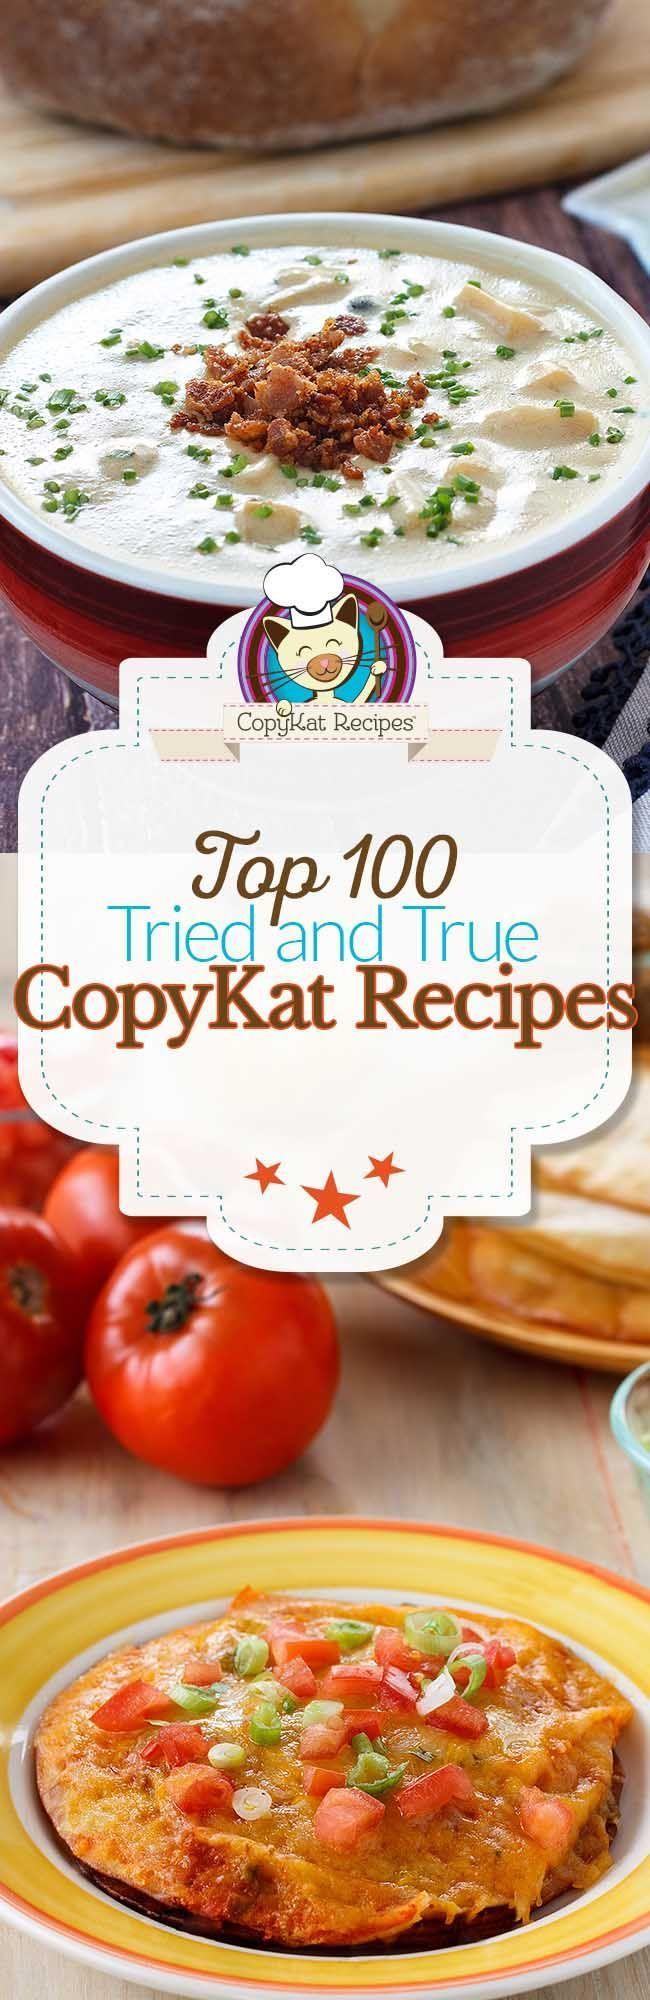 Get CopyKat.com's most popular copycat recipes. Tried and True recipes that readers love.